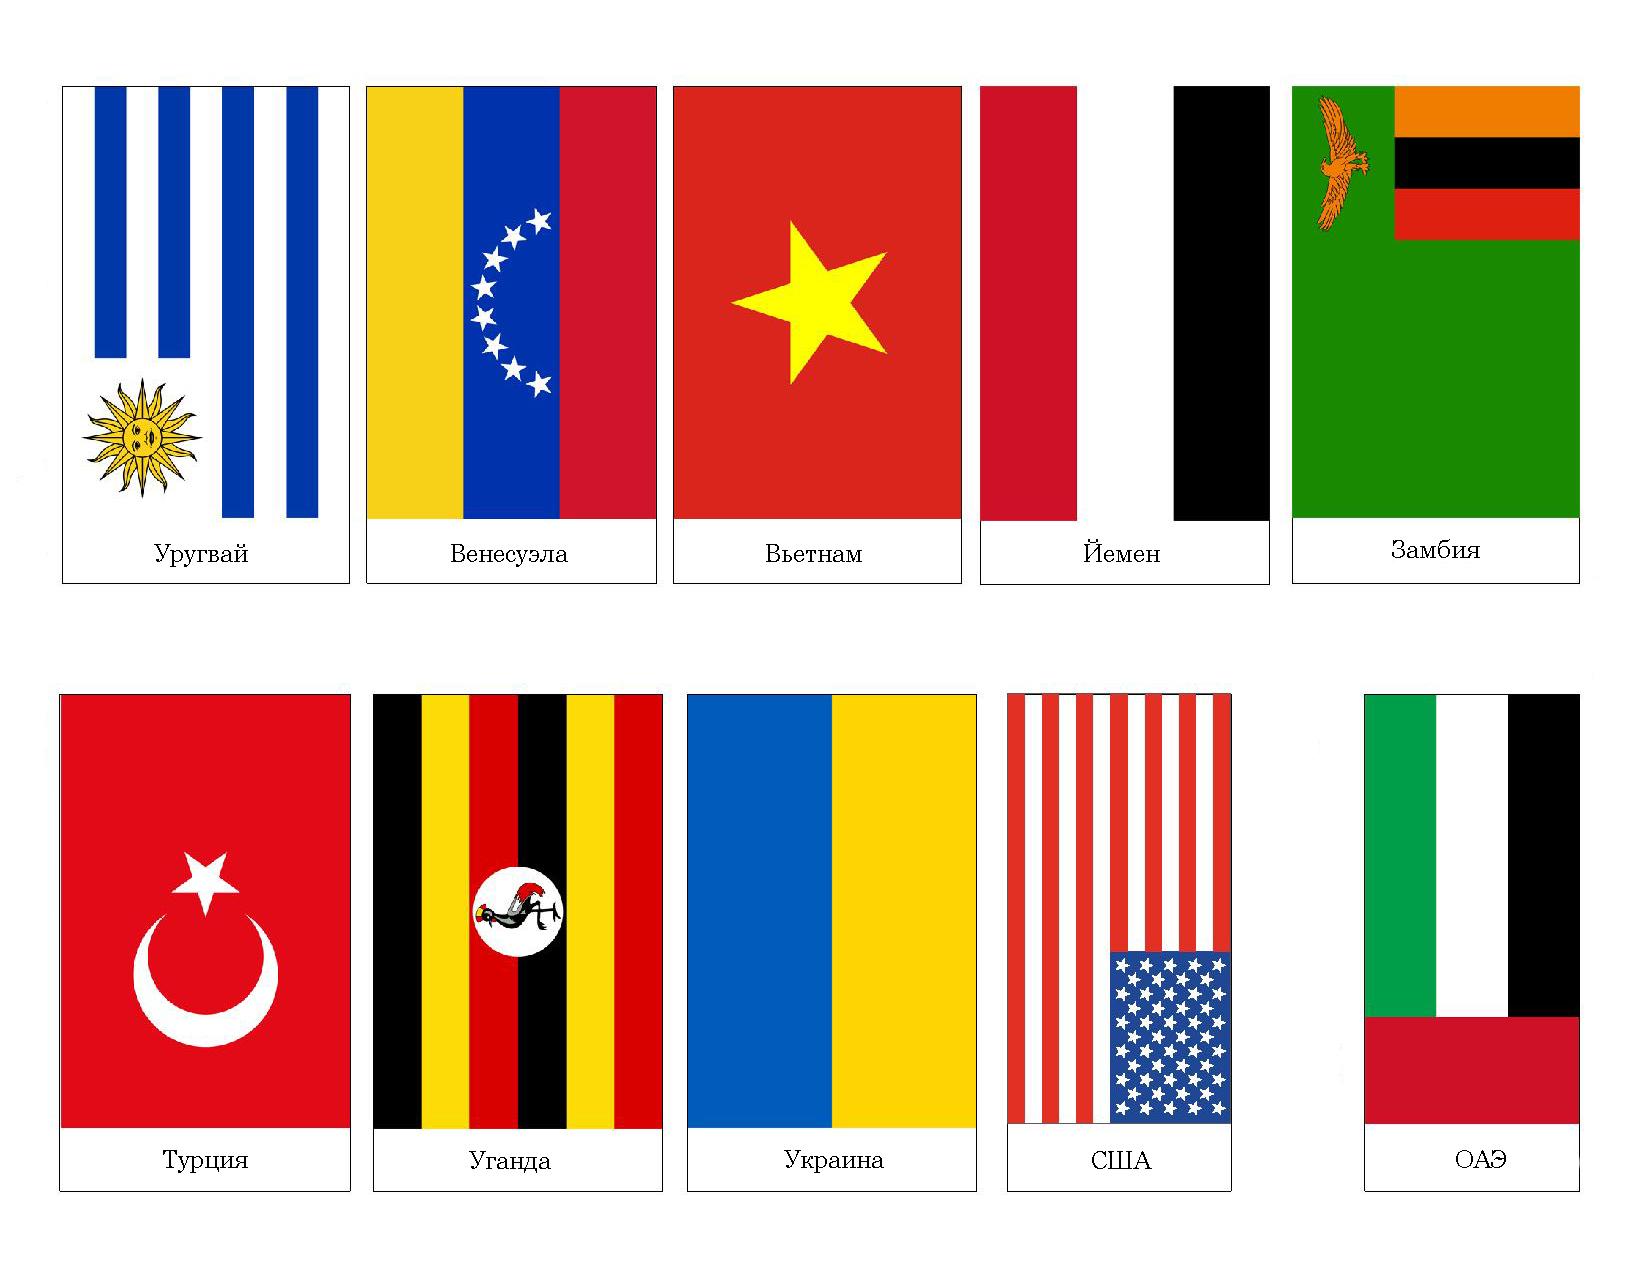 Фишки фотошопа надпись на флаге фотошоп - это просто